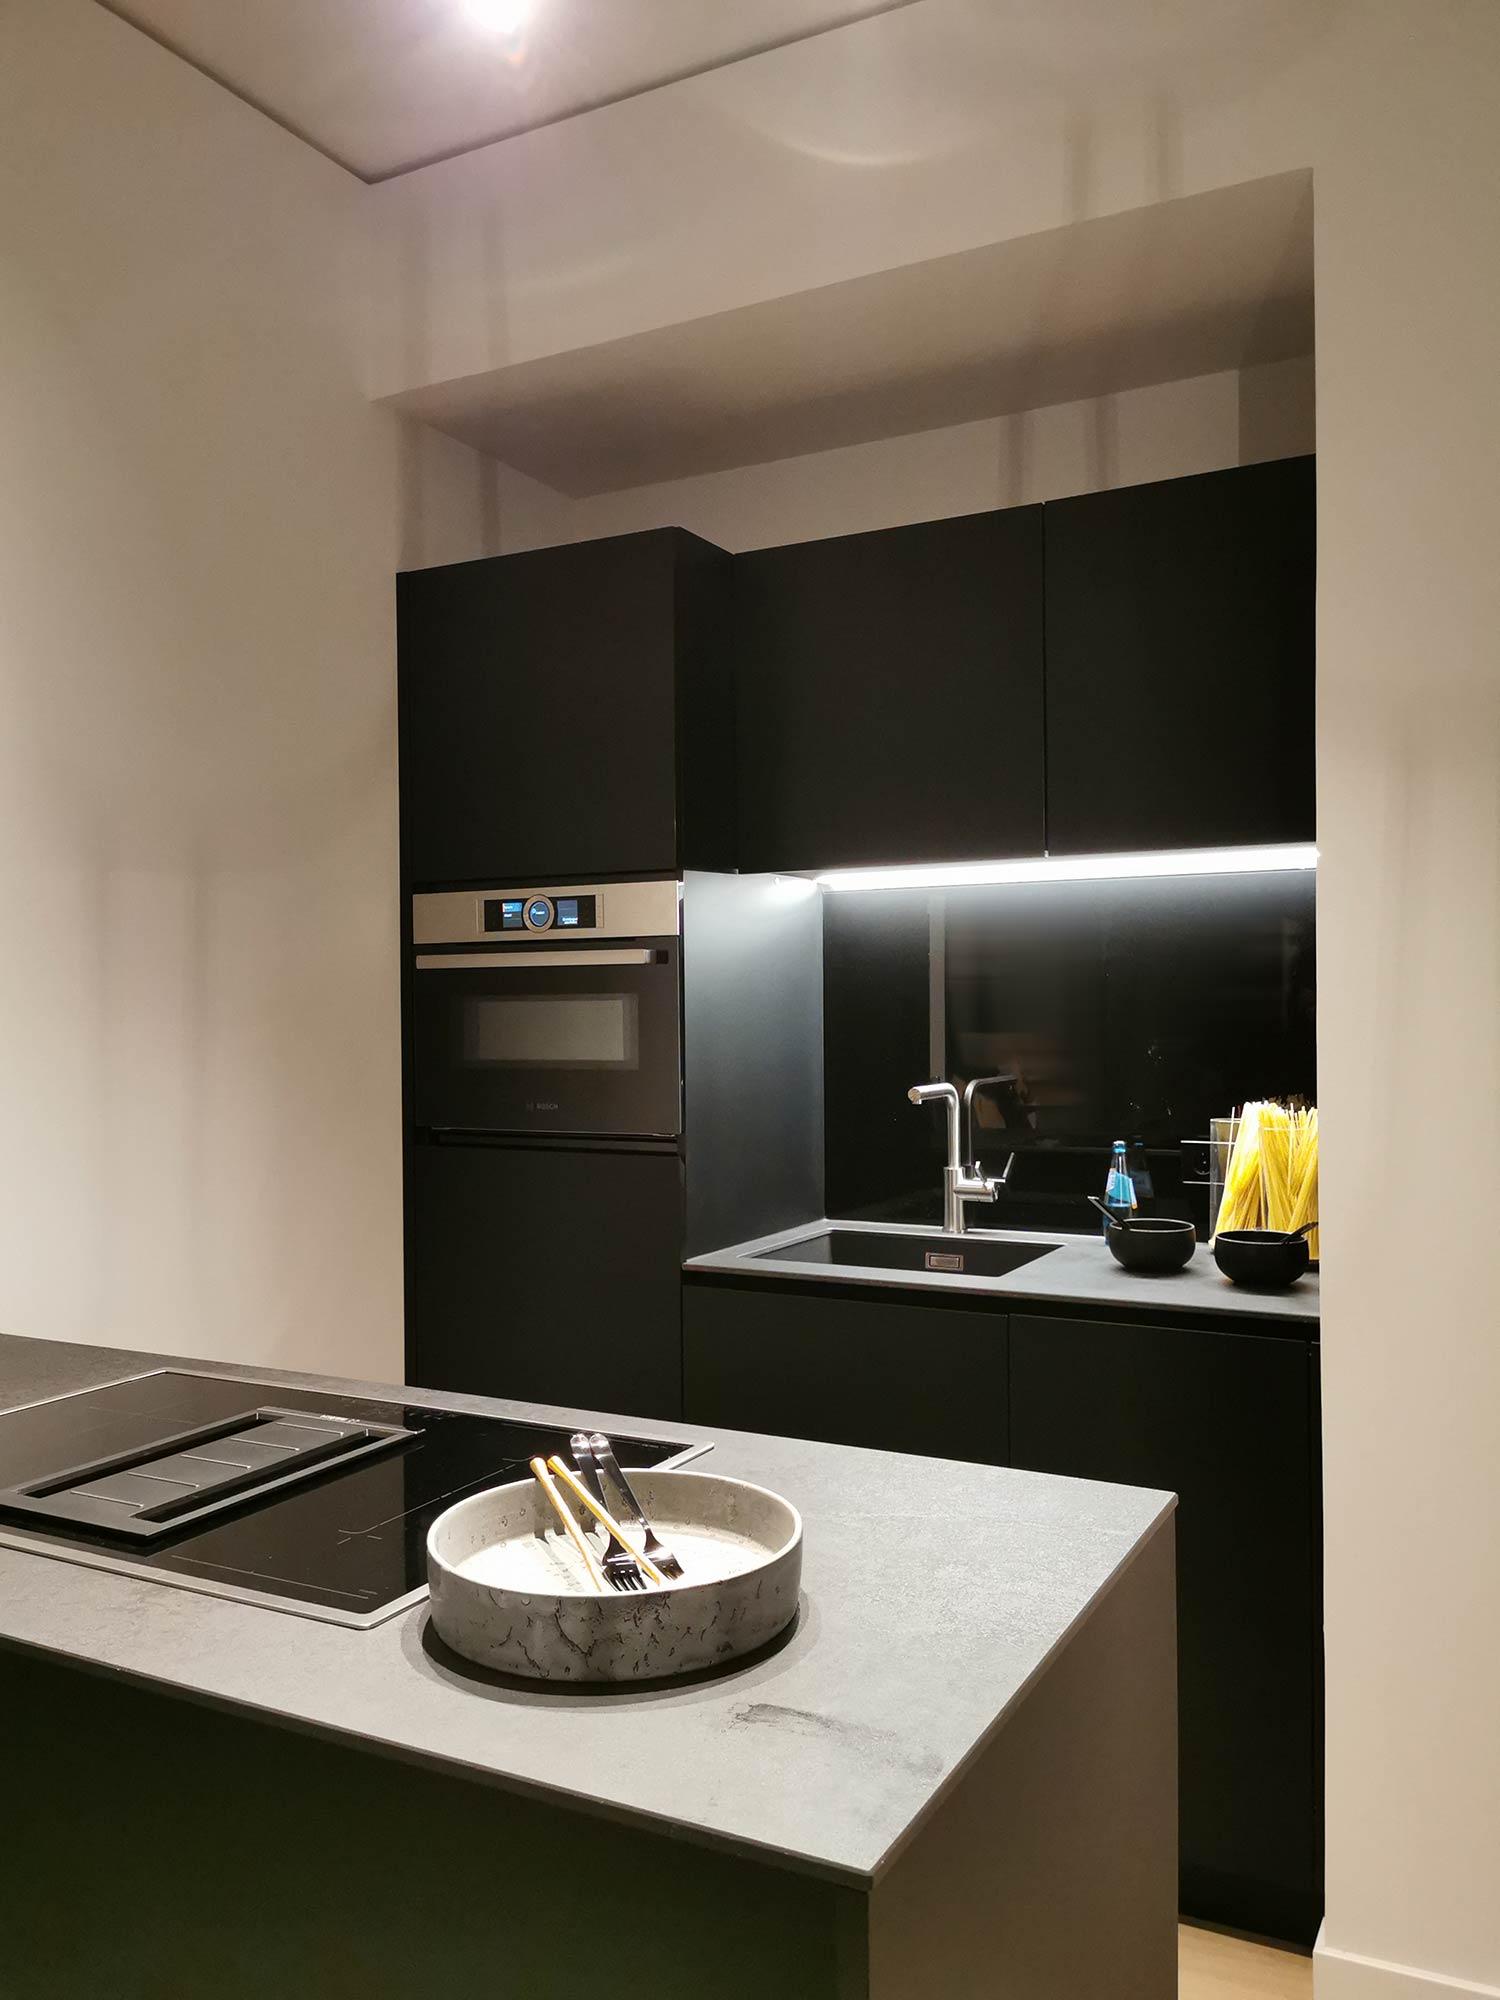 Hochhaus-Wohnung in Frankfurt: Küche in einer Musterwohnung im 15. OG - Zur Miete im Hochhaus wohnen